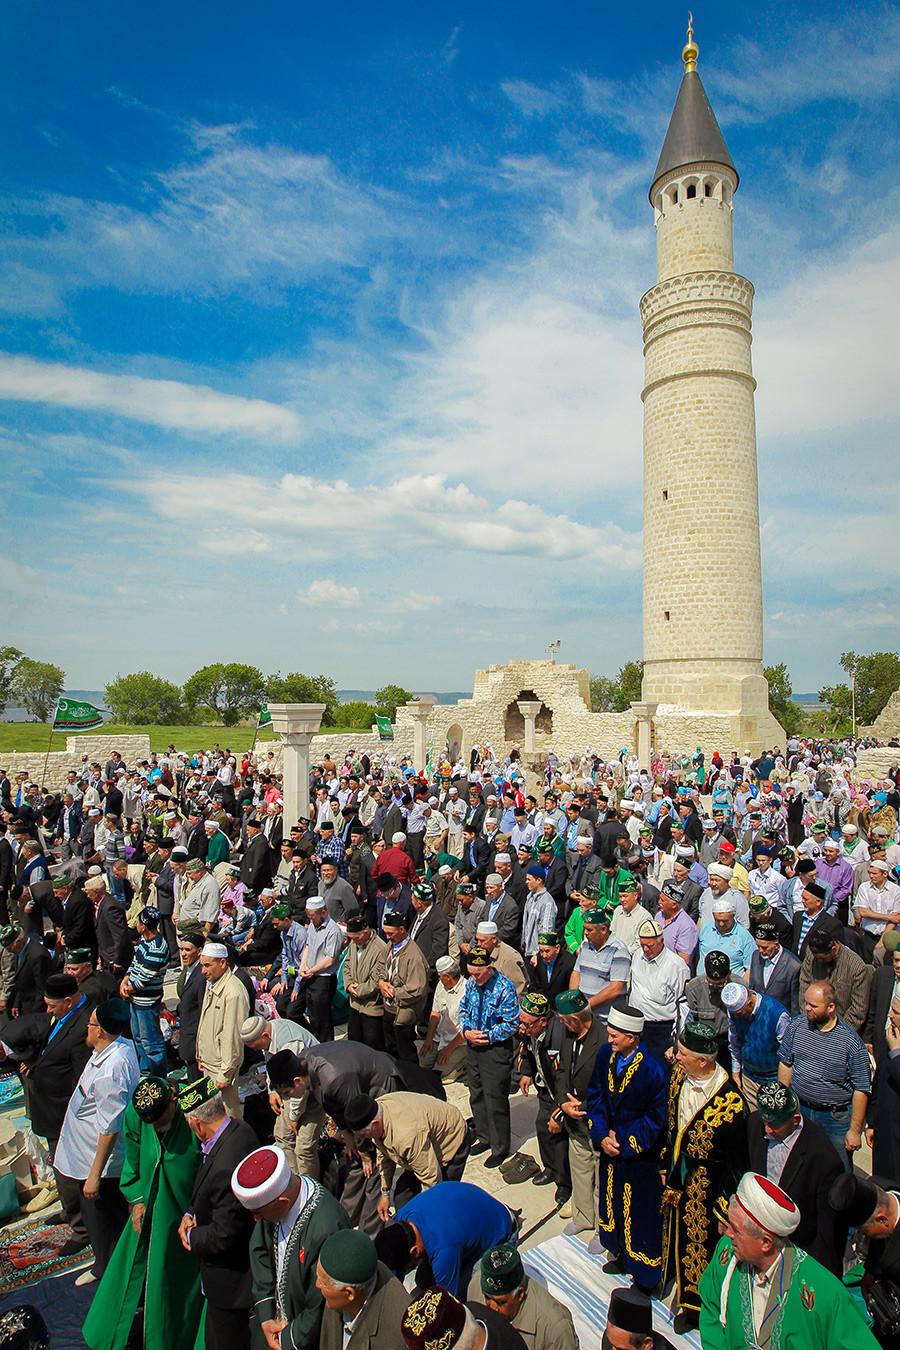 Верници читаат молитва на прославата на 1124 годишнина од примањето на исламот од страна на  Волшките Бугари.